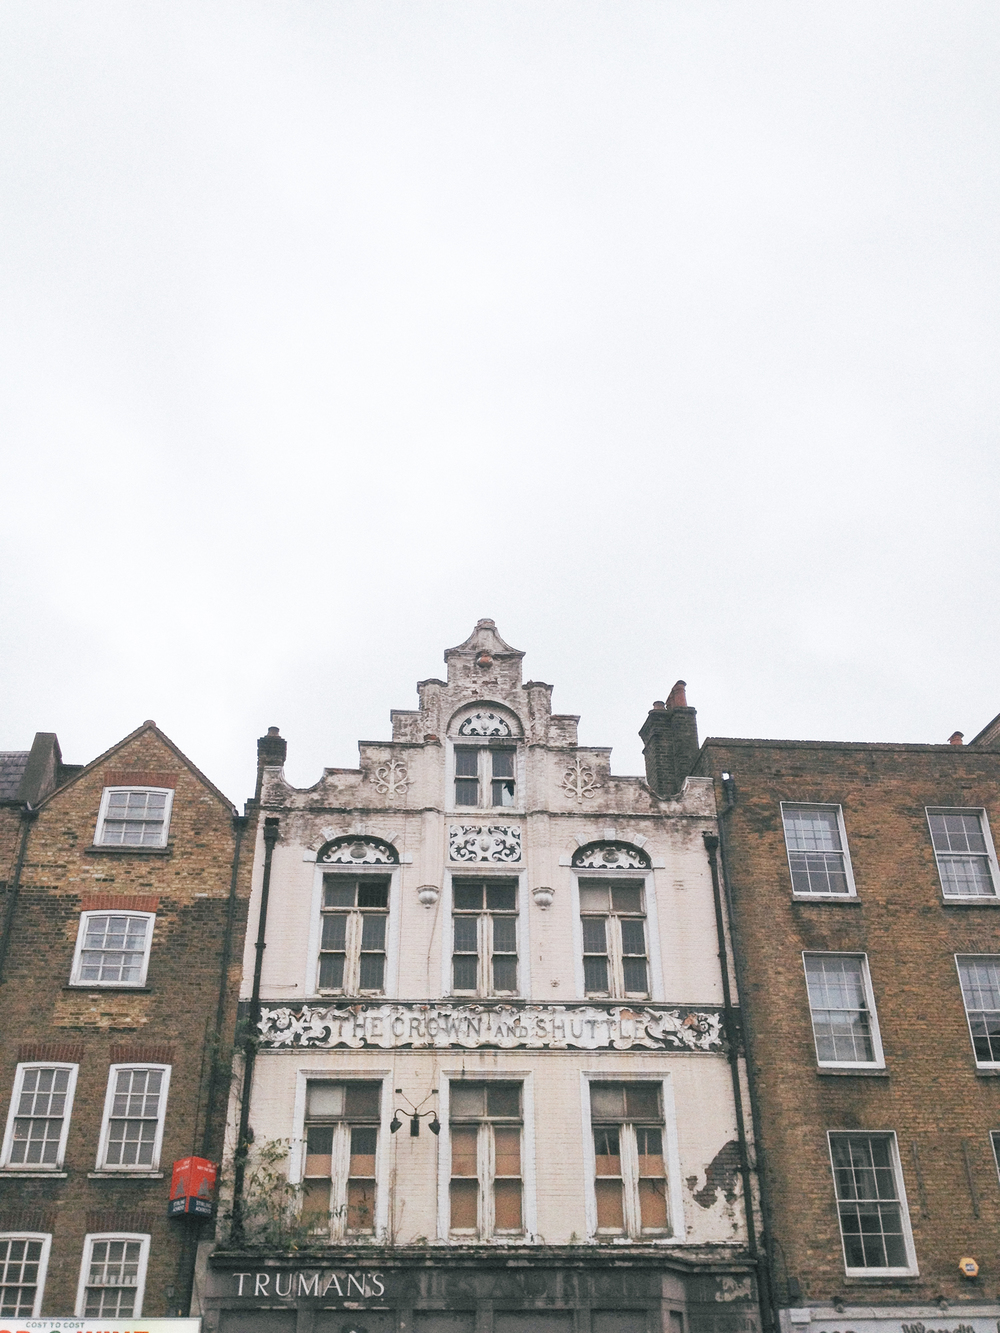 london_oldfacade-5796.jpg